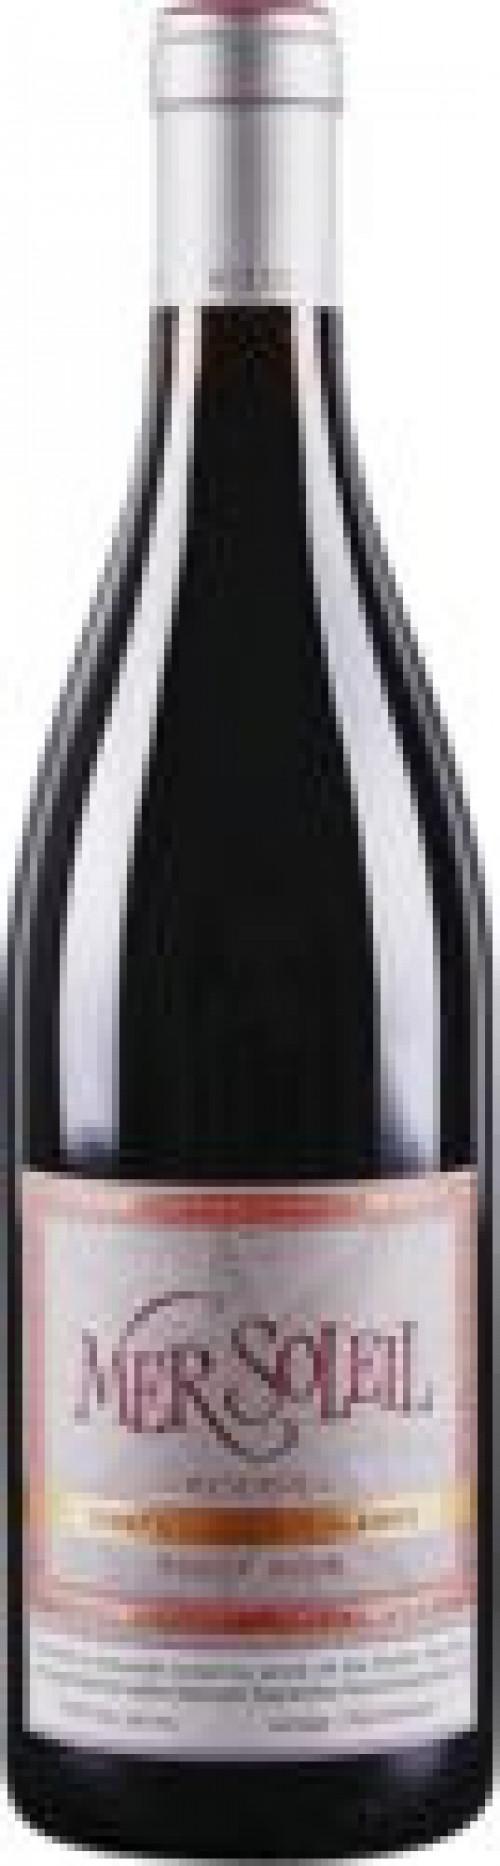 Mer Soleil Reserve Pinot Noir 750ml